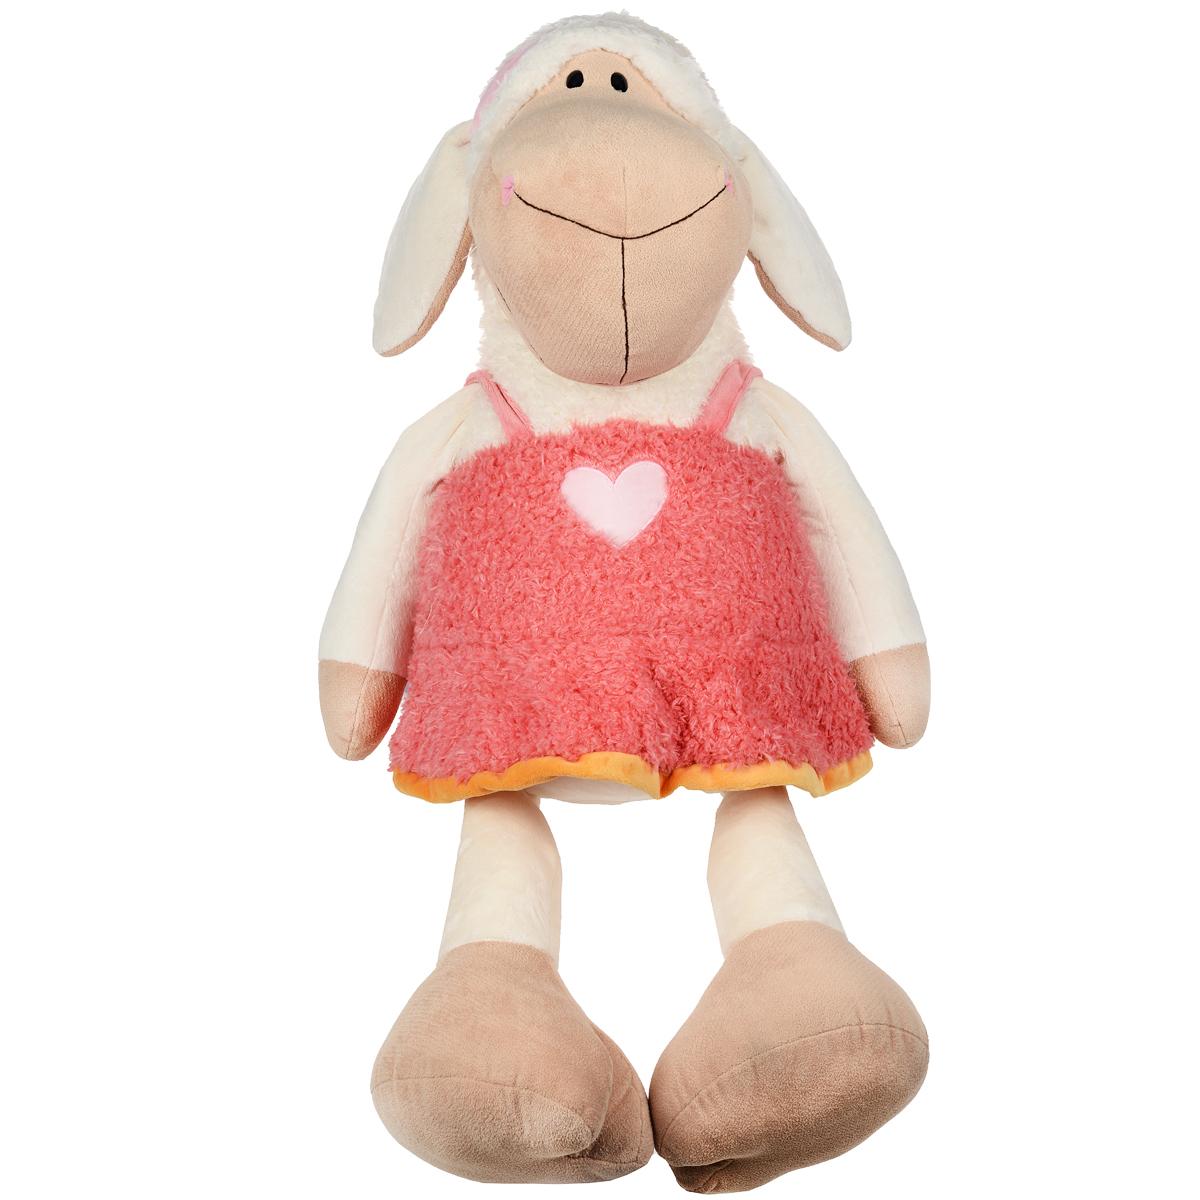 Мягкая игрушка Nici Овечка Фрэнсис, сидячая, 120 см36337Мягкая игрушка Nici Овечка Фрэнсис подарит вашему ребенку много радости и веселья! Она выполнена из мягкого плюша с набивкой из синтепона в виде симпатичной овечки-девочки в розовом сарафанчике и повязкой на голове. Игрушка удивительно приятна на ощупь. Чудесная мягкая игрушка принесет радость и подарит своему обладателю мгновения нежных объятий и приятных воспоминаний.